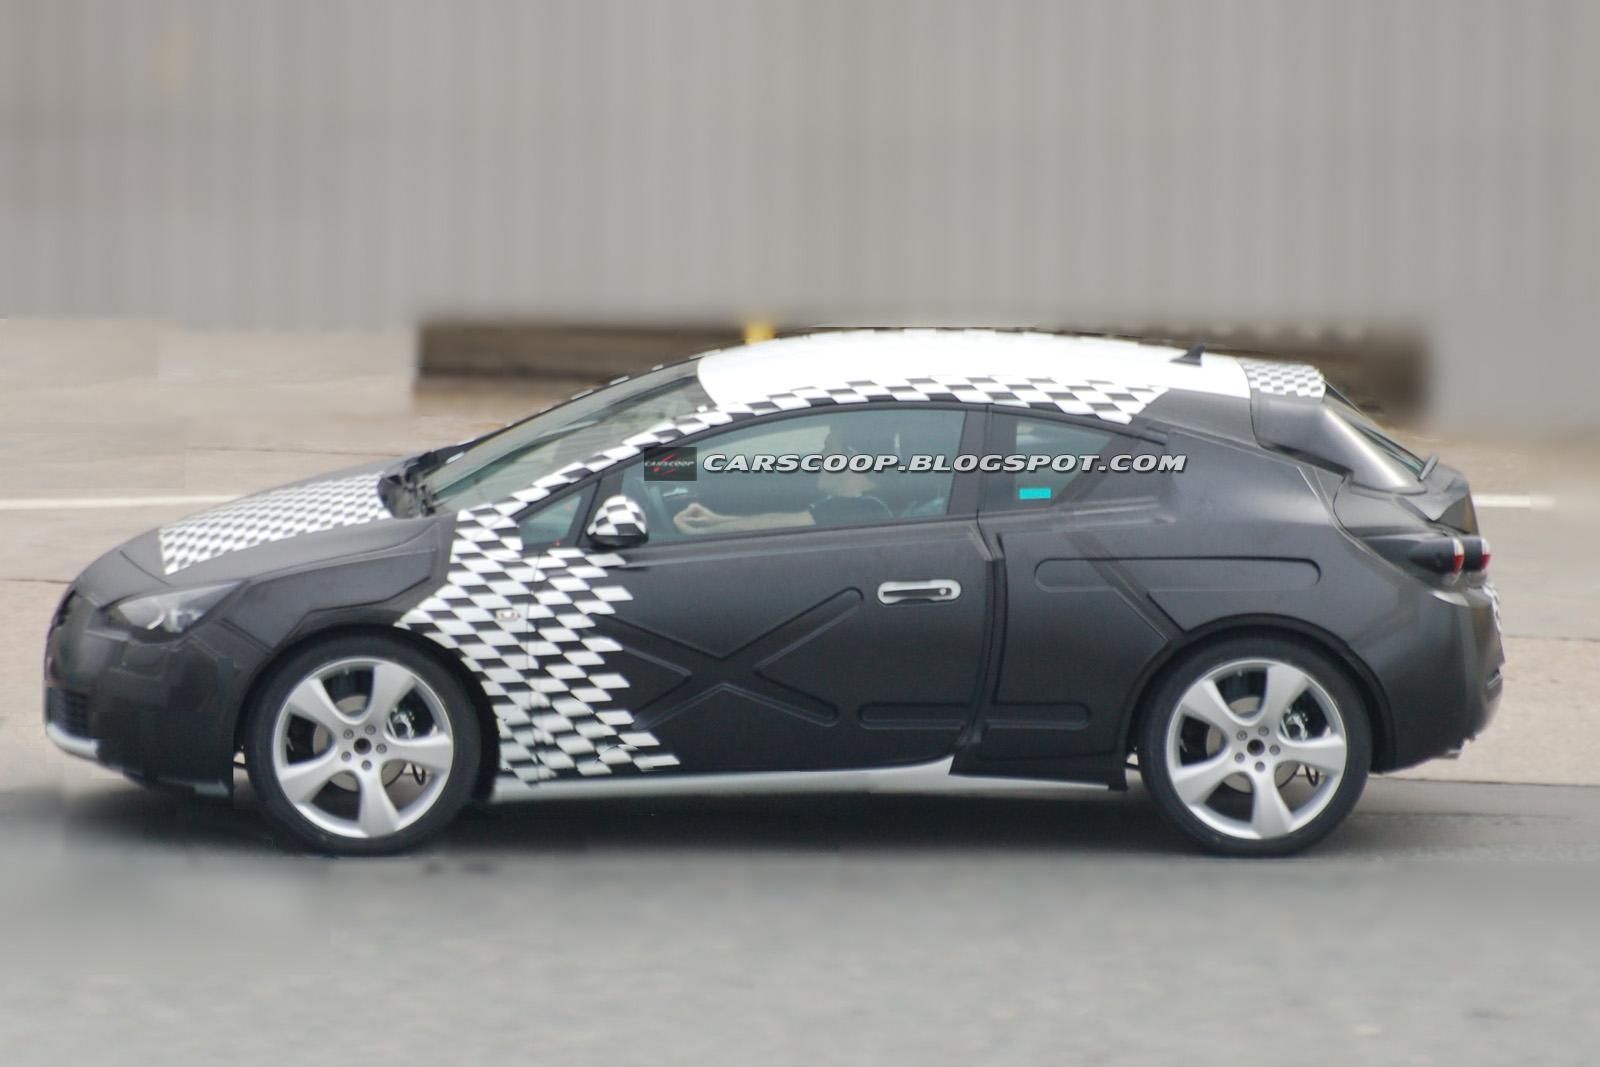 http://1.bp.blogspot.com/_FoXyvaPSnVk/S__jEPFXWGI/AAAAAAAC5mk/xB2iRBgQzCM/s1600/2011-Opel-Astra-GTC-41.jpg